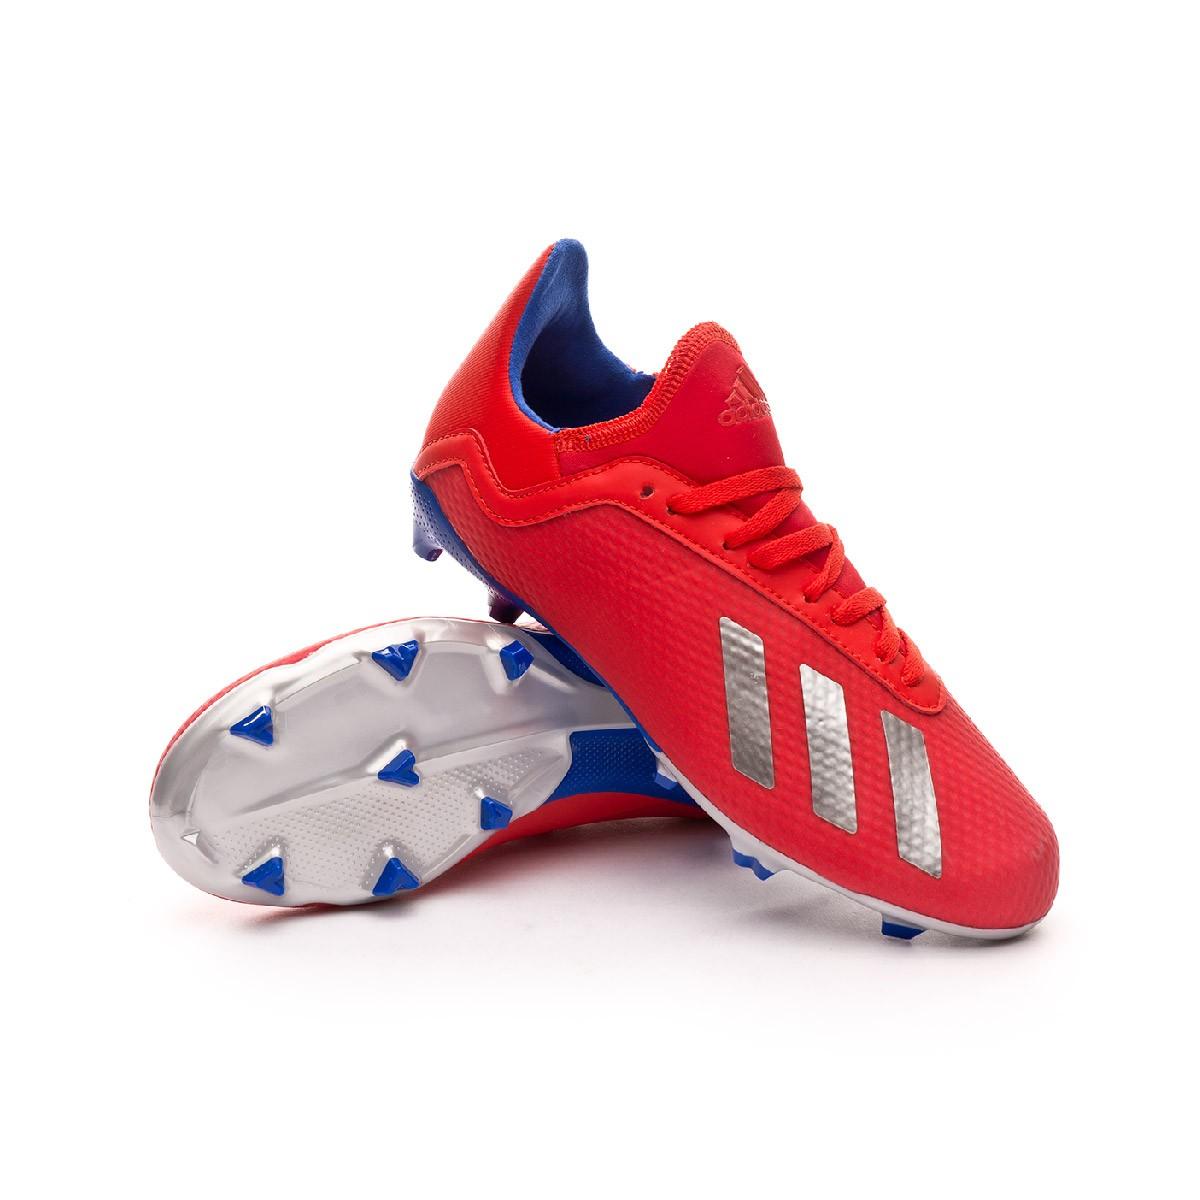 Destrucción Desconfianza Bolsa  Bota de fútbol adidas X 18.3 FG Niño Active red-Silver metallic-Bold blue -  Tienda de fútbol Fútbol Emotion